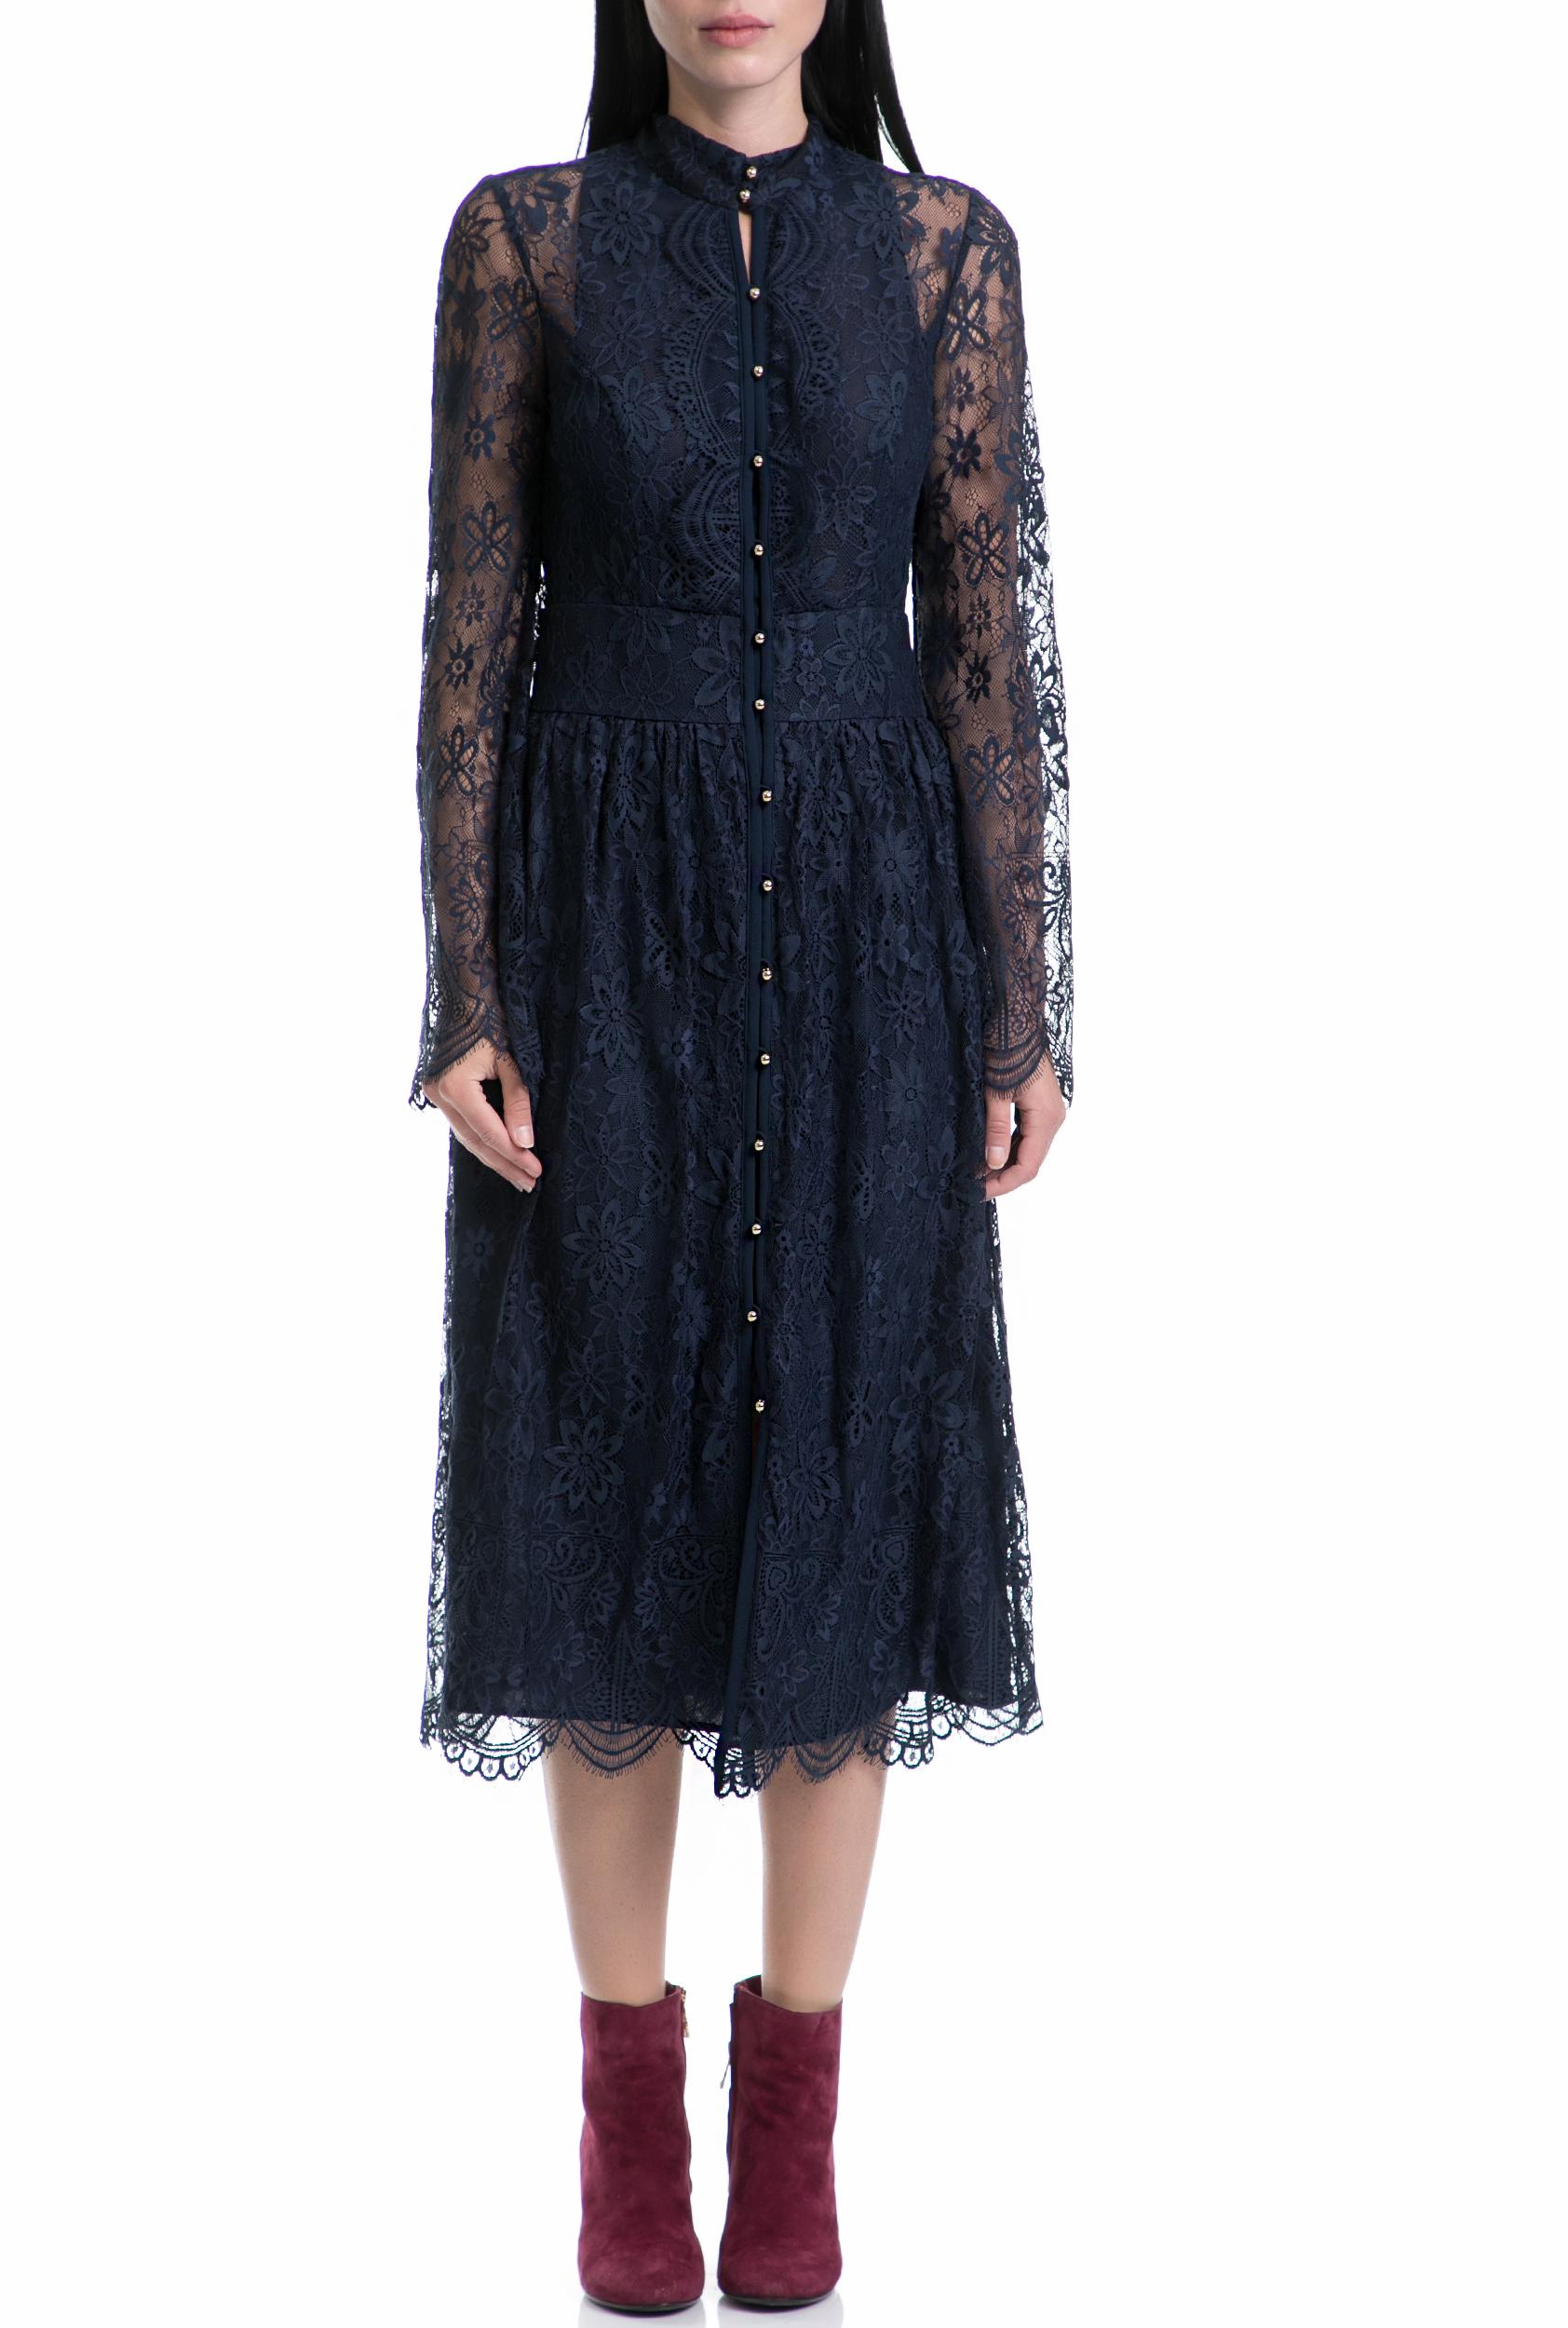 JUICY COUTURE - Γυναικείο φόρεμα KENDALL JUICY COUTURE μπλε γυναικεία ρούχα φορέματα μάξι